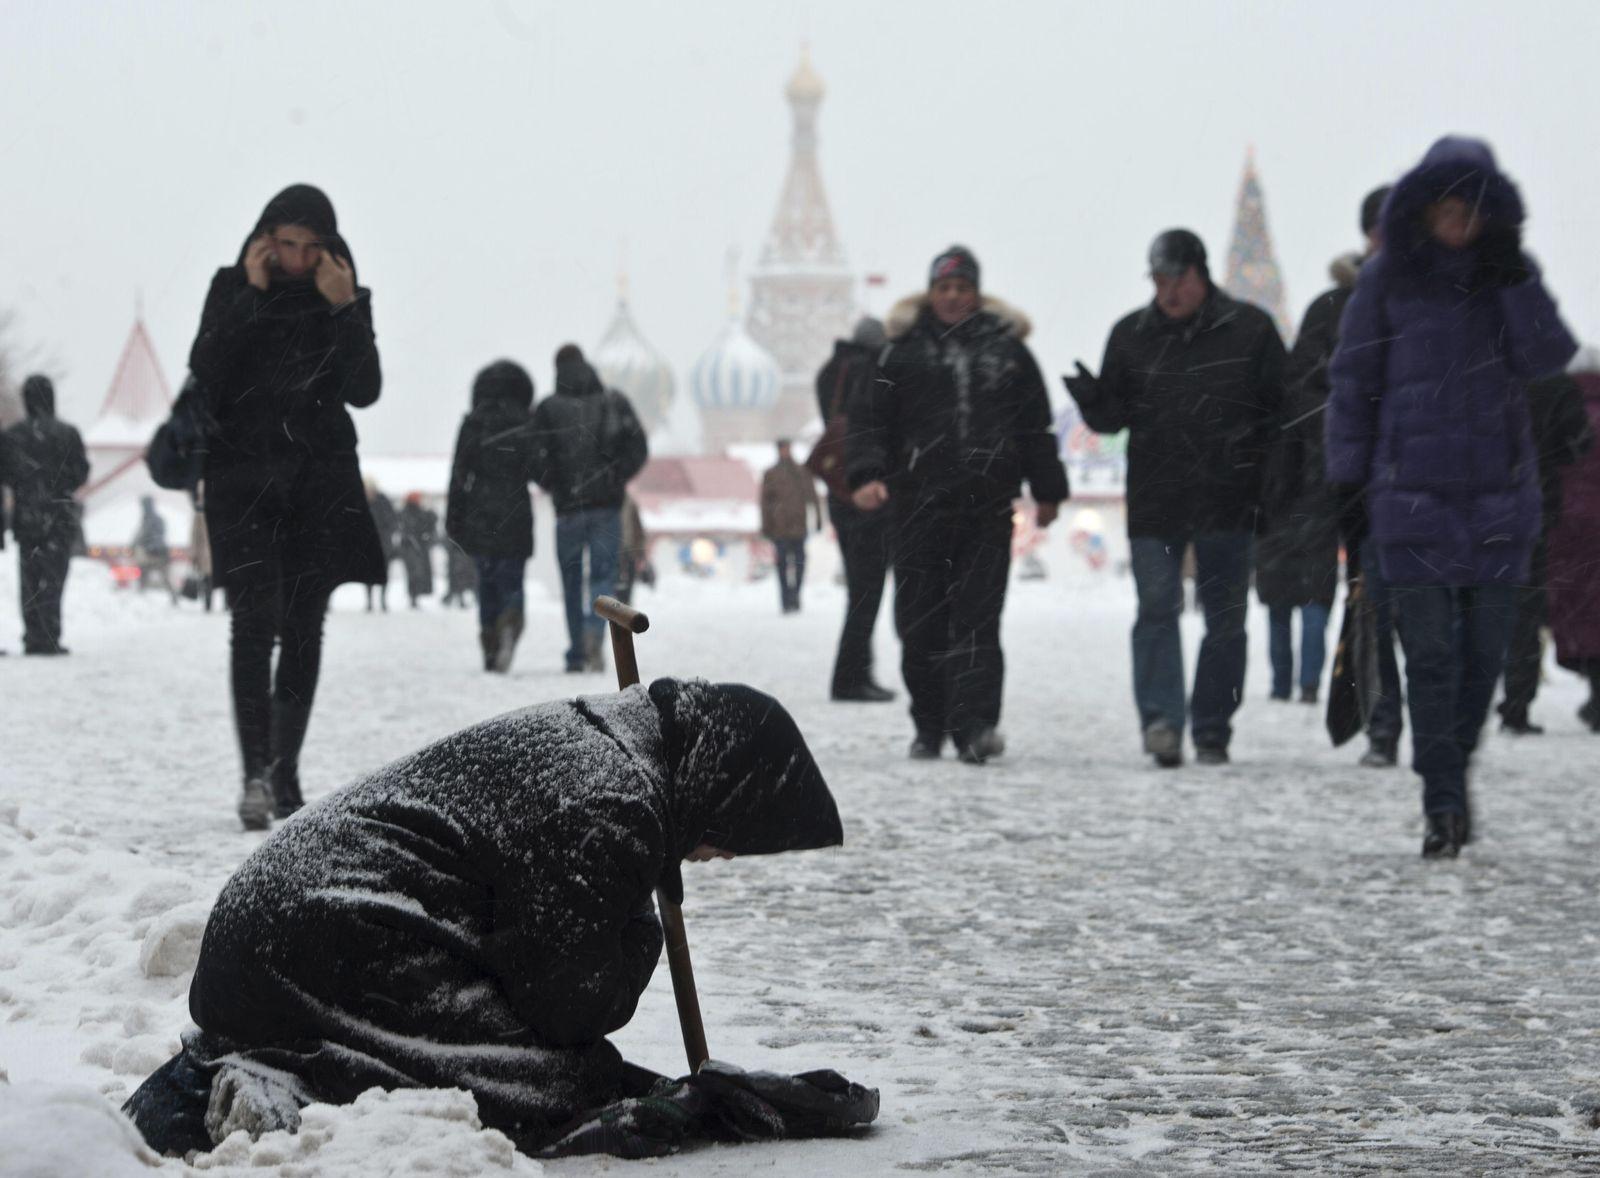 Foto: Una mujer pide limosna durante una fuerte nevada en el centro de Moscú, en diciembre de 2010 (Reuters).